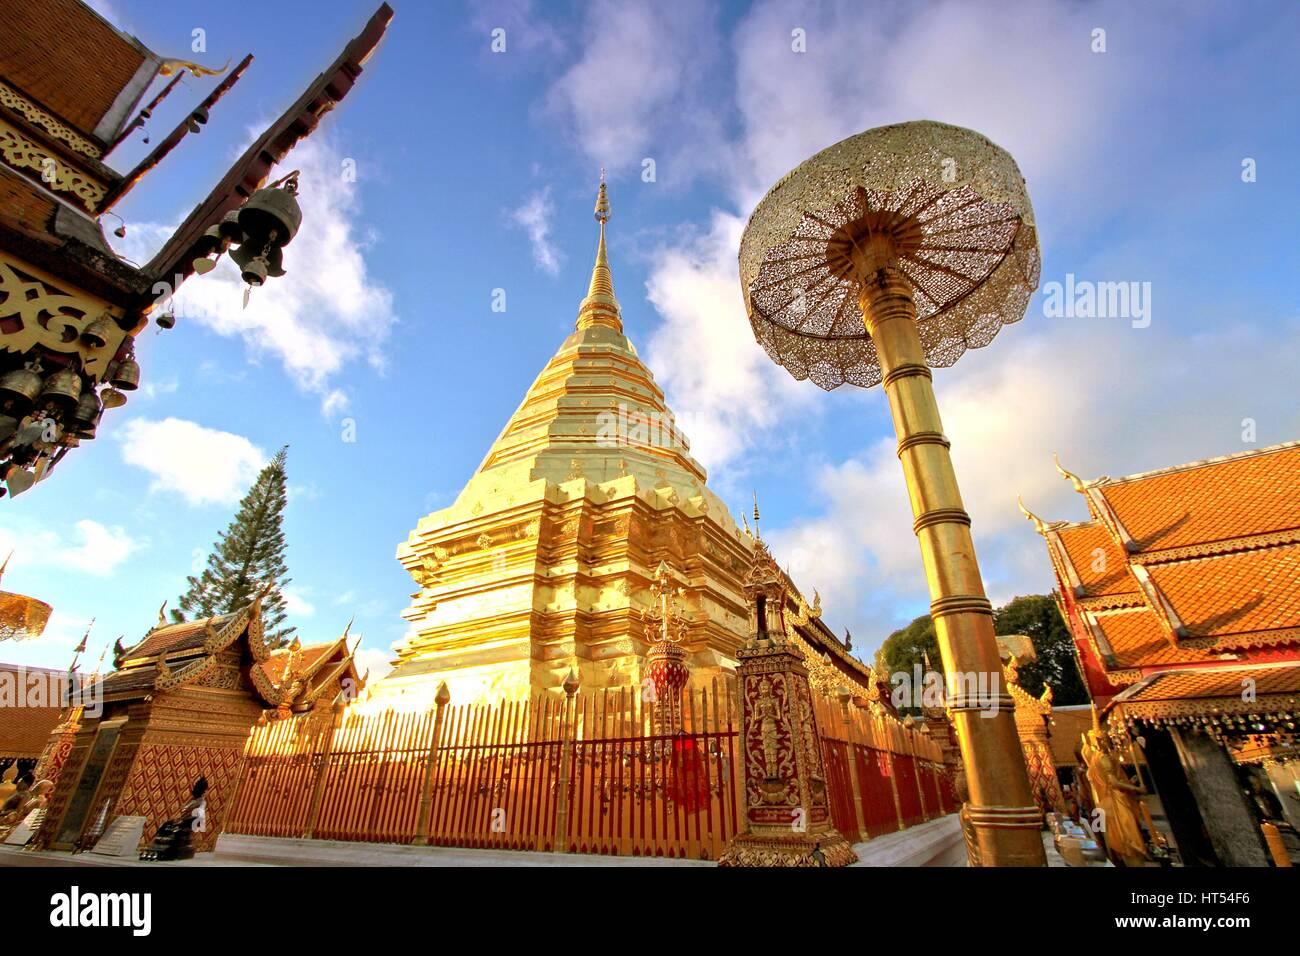 La pagode d'or contre le ciel bleu clair au Wat Phra That Doi Suthep, un célèbre temple bouddhiste theravada à Chiang Banque D'Images